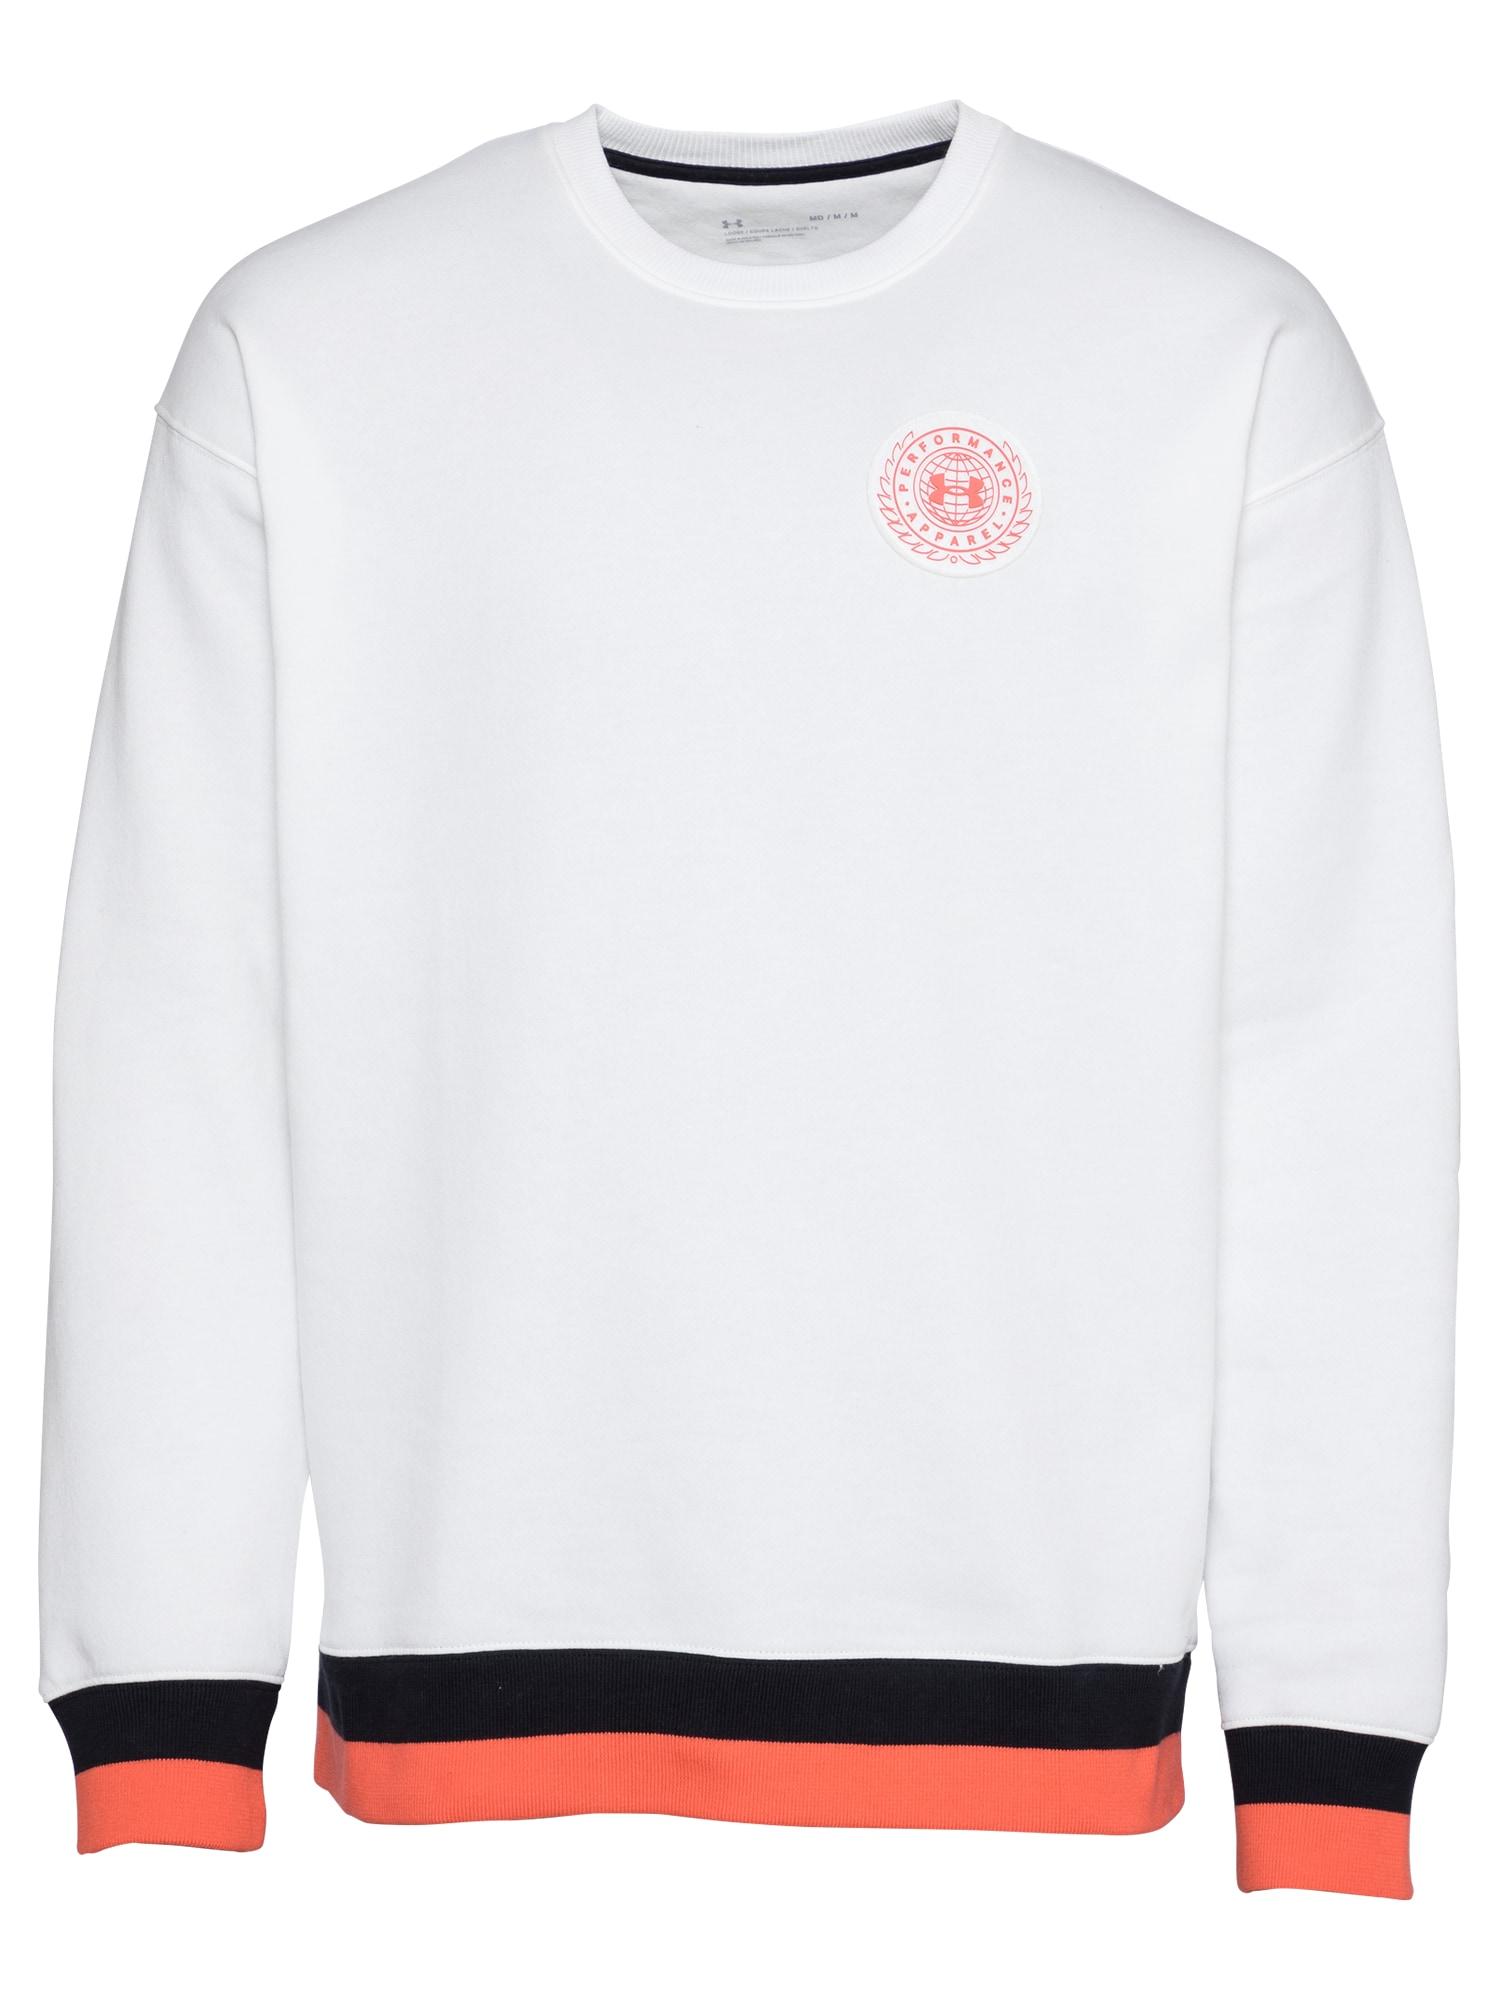 UNDER ARMOUR Sportinio tipo megztinis balta / juoda / lašišų spalva